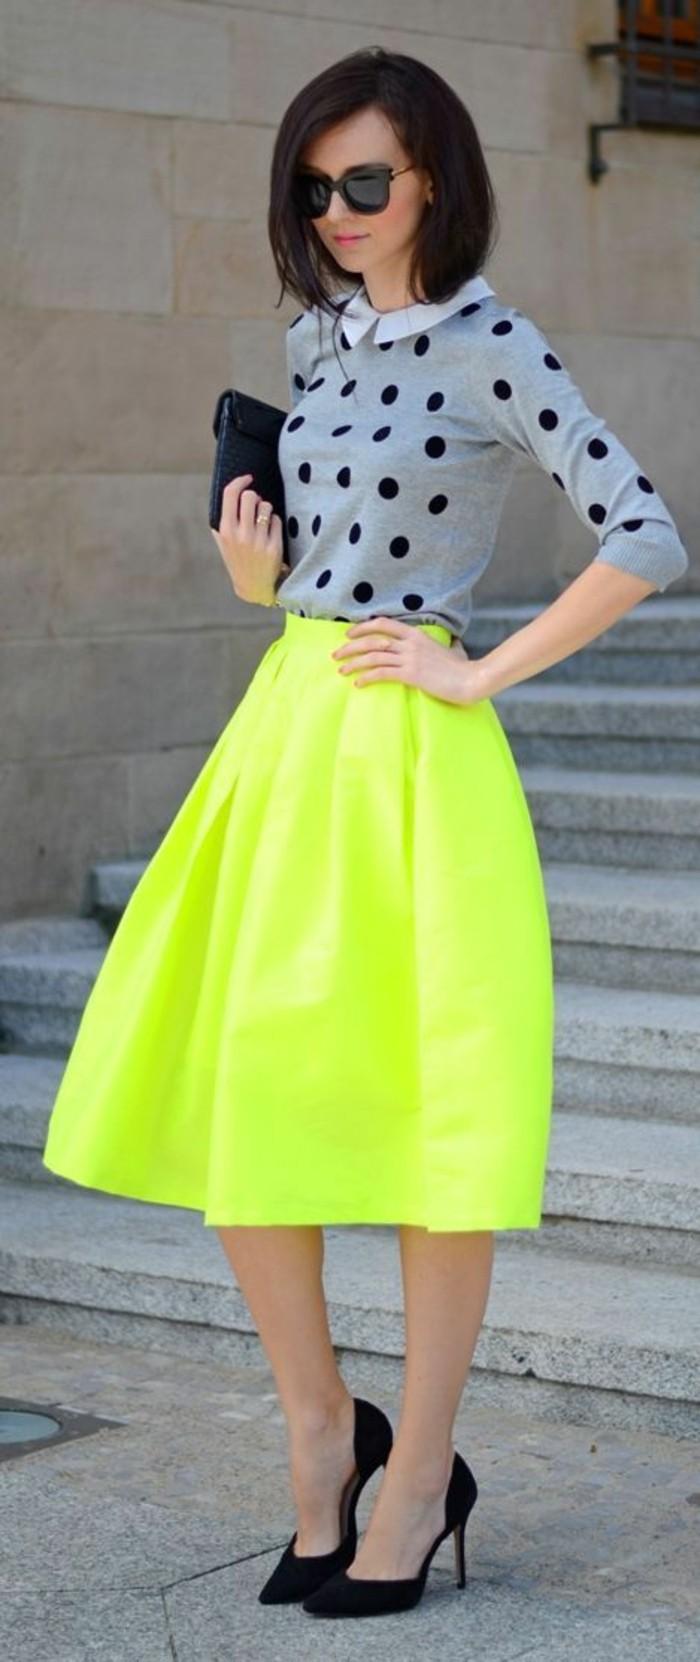 blouse-col-claudine-à-pois-escarpins-noires-jupe-jaune-fluo